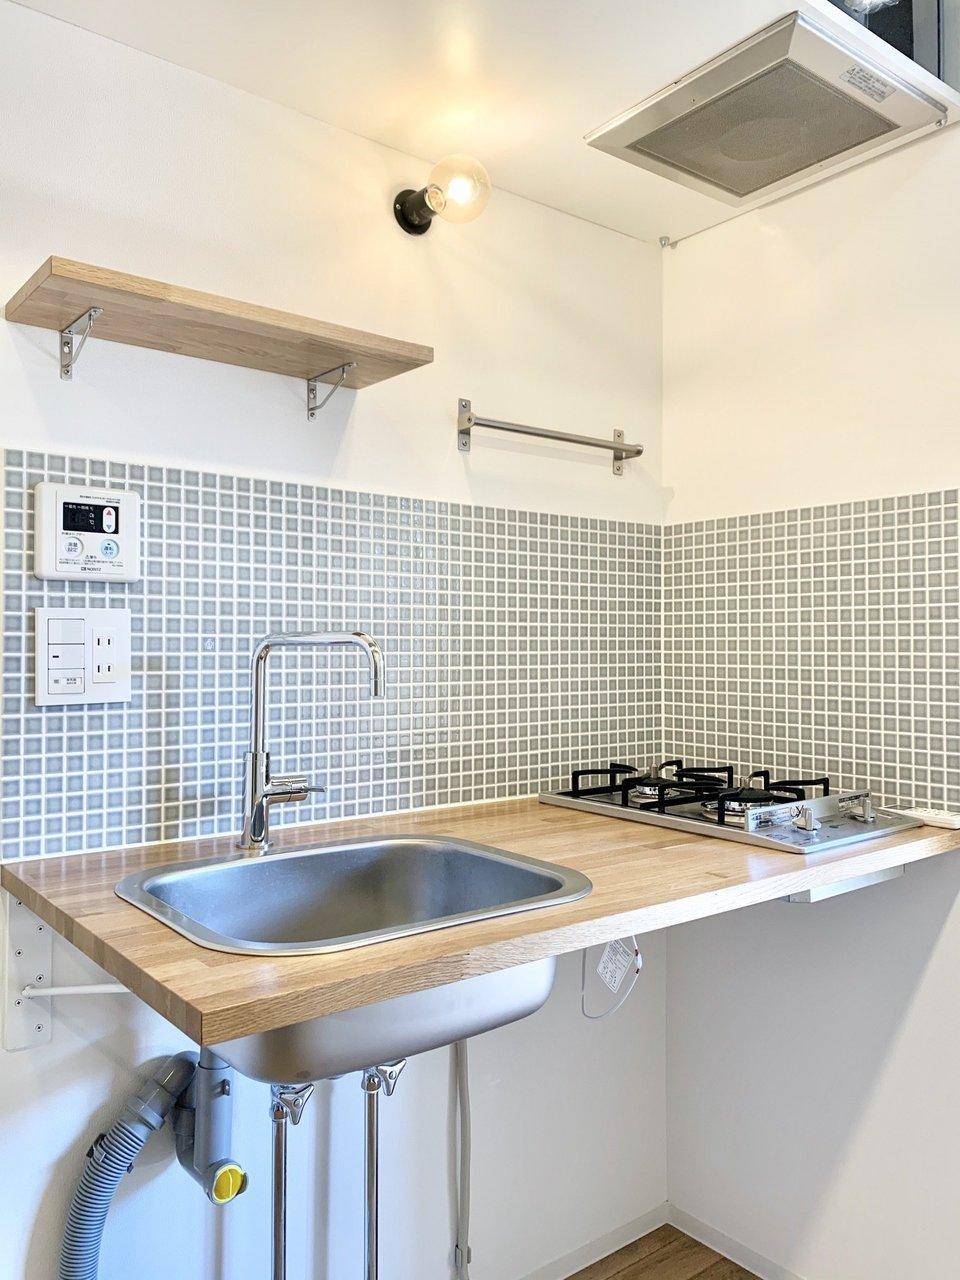 キッチン周りもとってもおしゃれ。こちらは天板も無垢材を使用しています。グリーンのタイル、ステンレスのコンロ、どこを切り取っても絵になります。